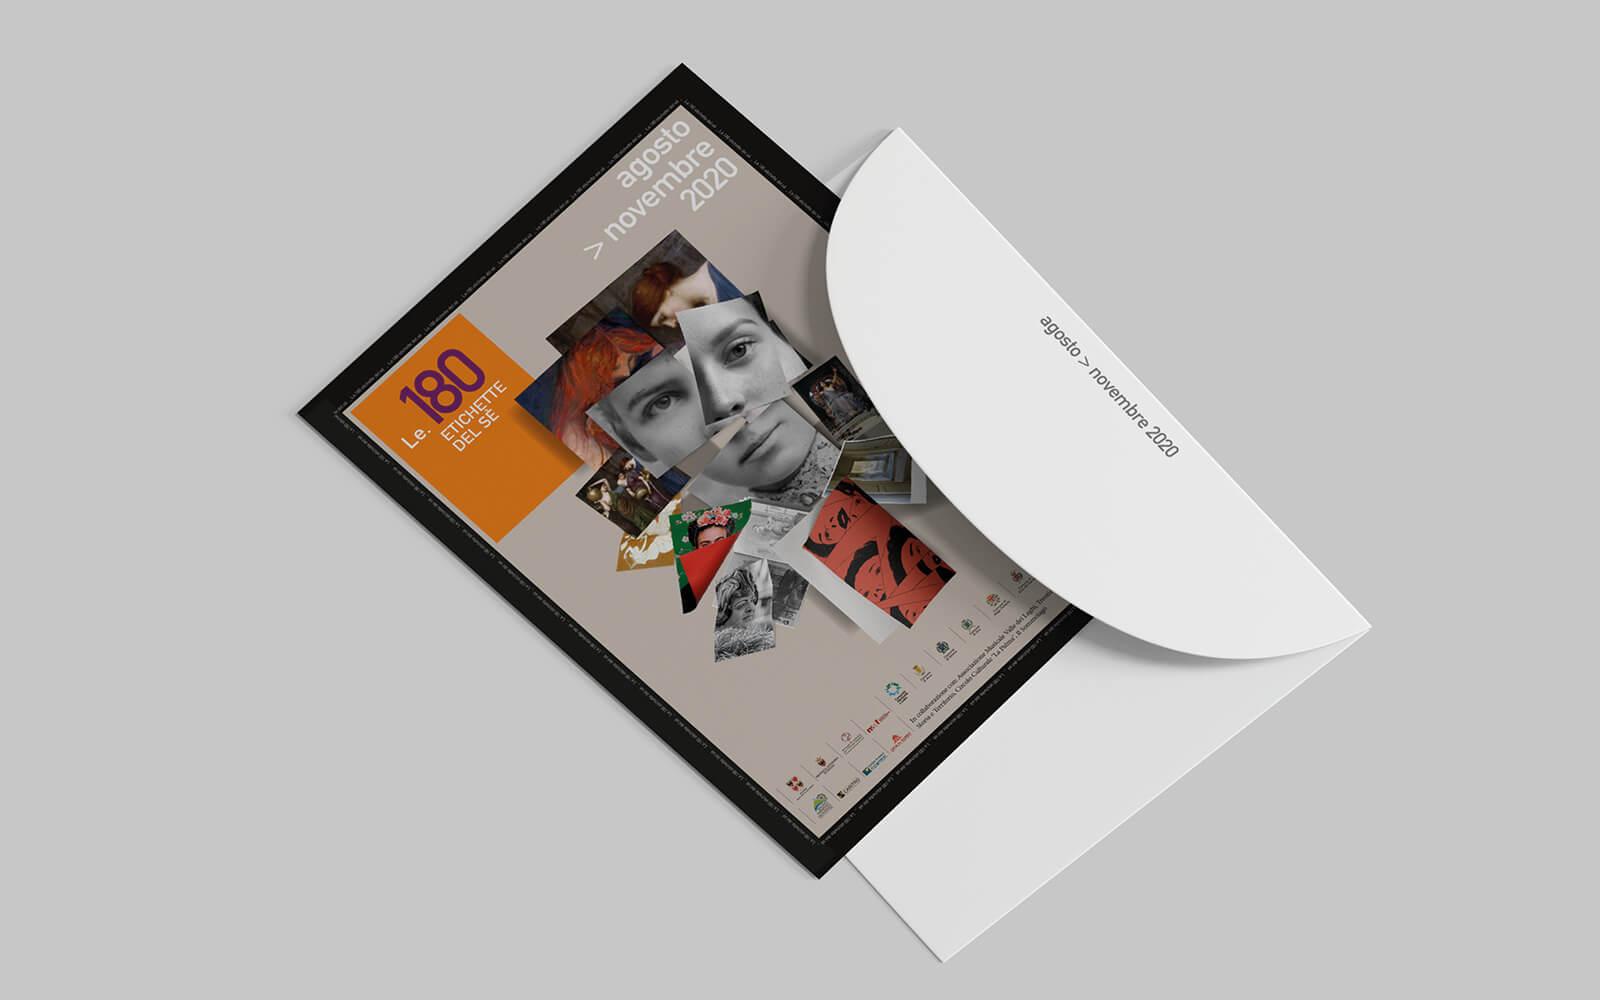 invito aell'evento Le 180 etichette del se. Dettaglio del progetto grafico ideato dallo studio grafico diadestudio Arco Tn